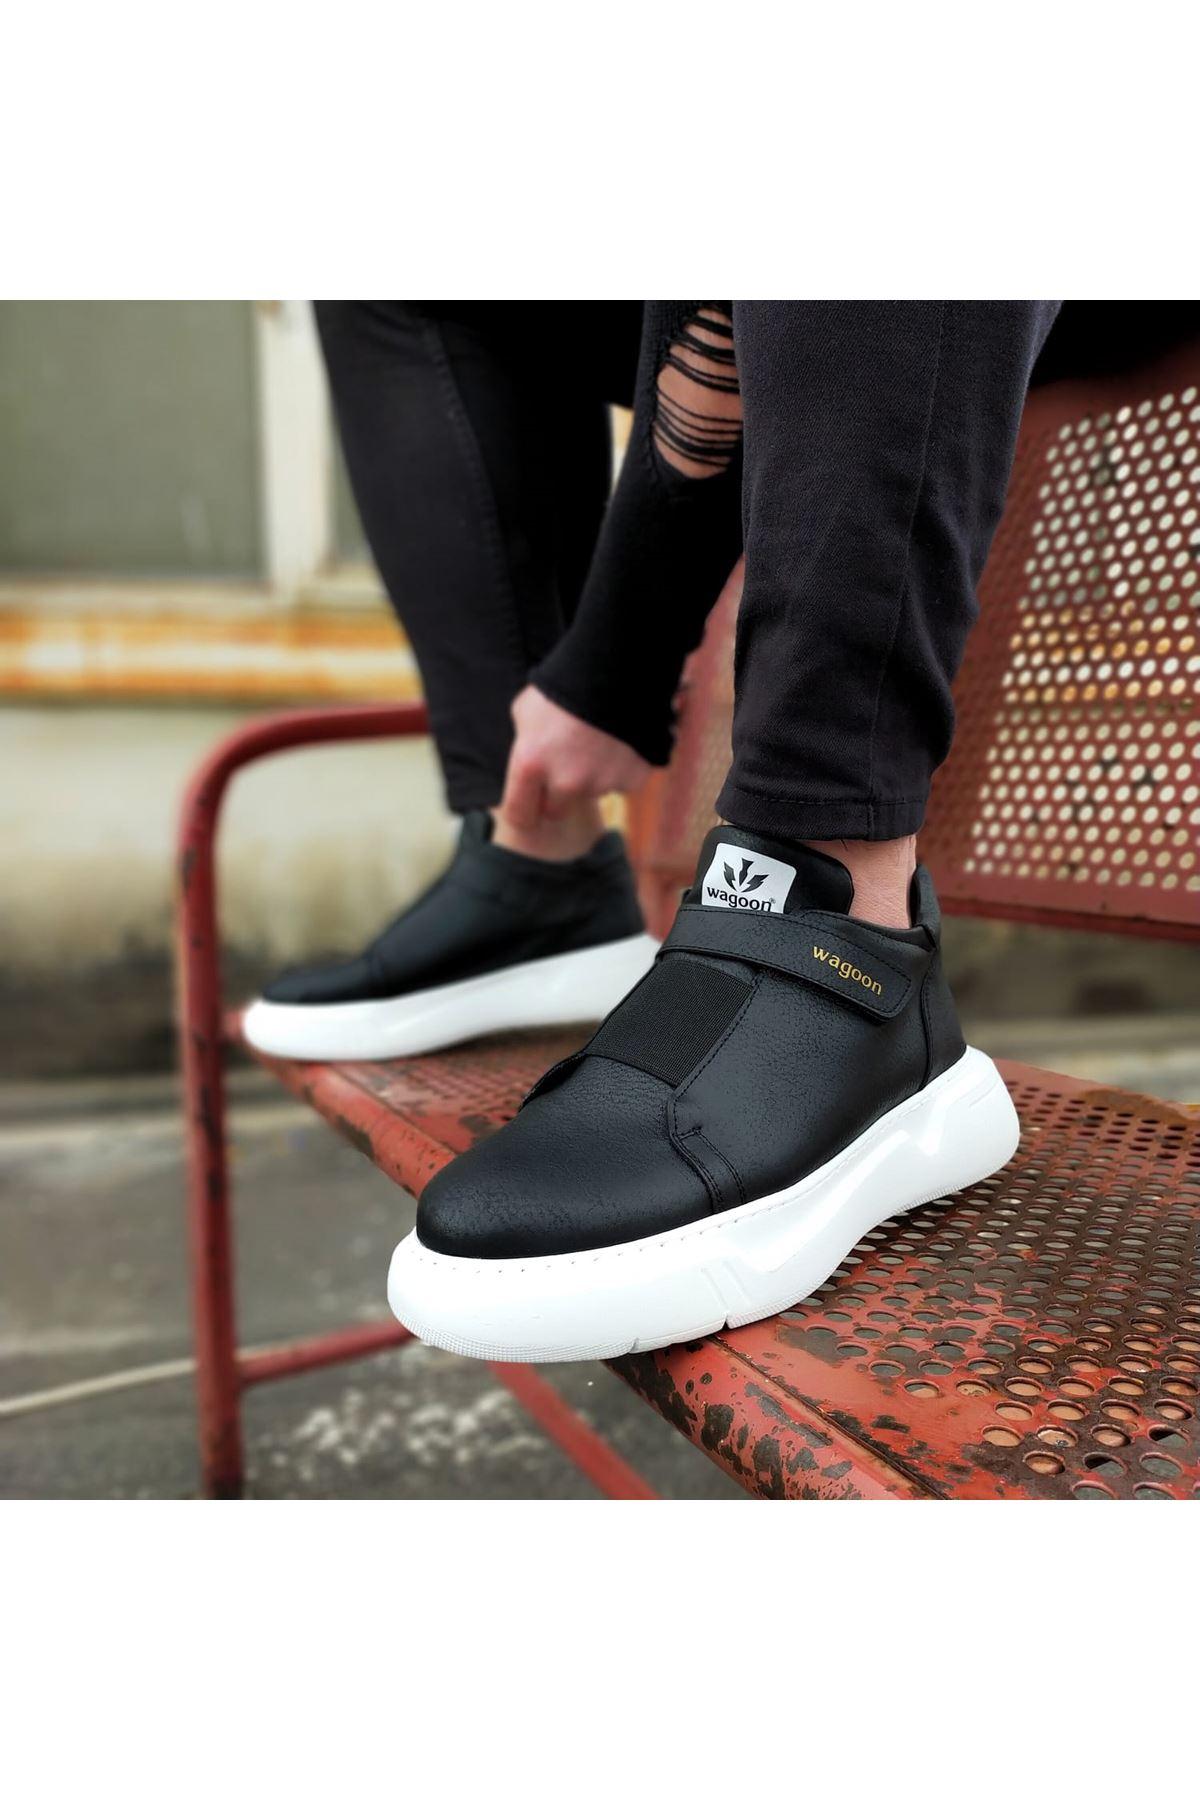 Wagoon WG051 Siyah Erkek Yüksek Taban Ayakkabı